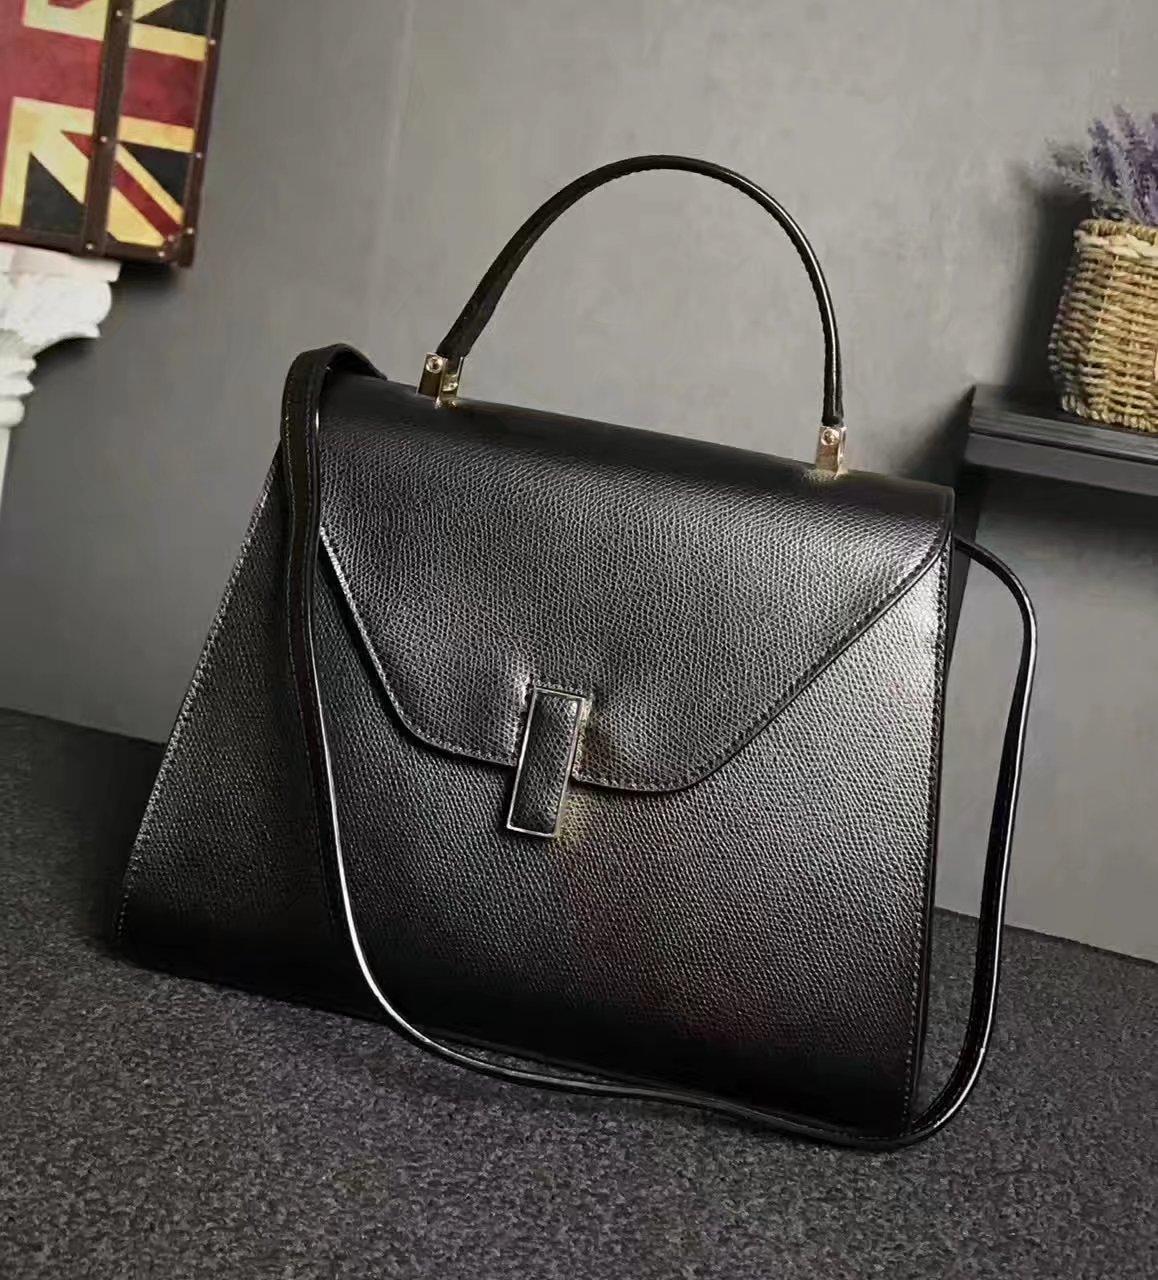 Valextra Superbag Iside Bag Black